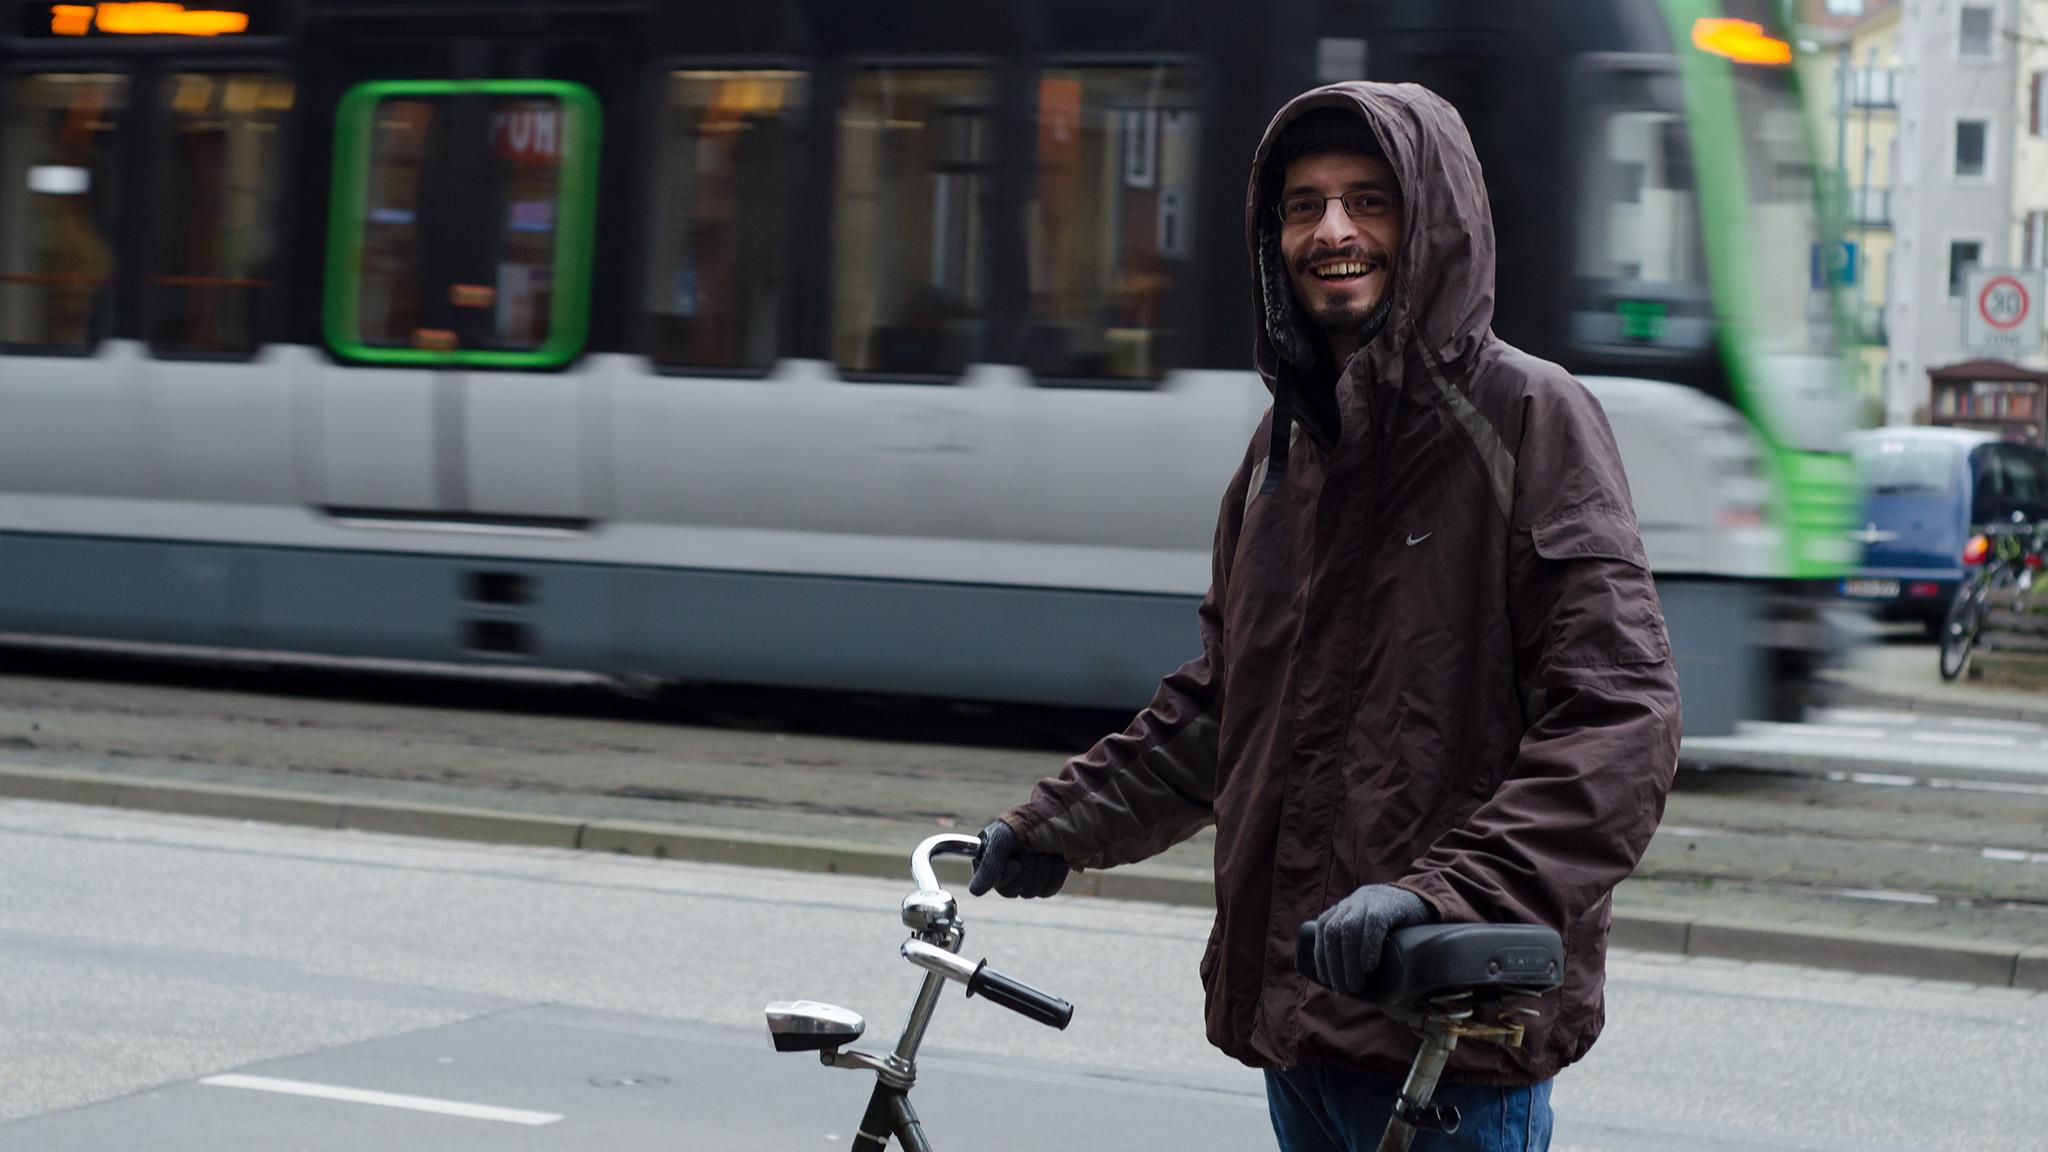 Winterbericht 2017 mit Hannover U-Bahn